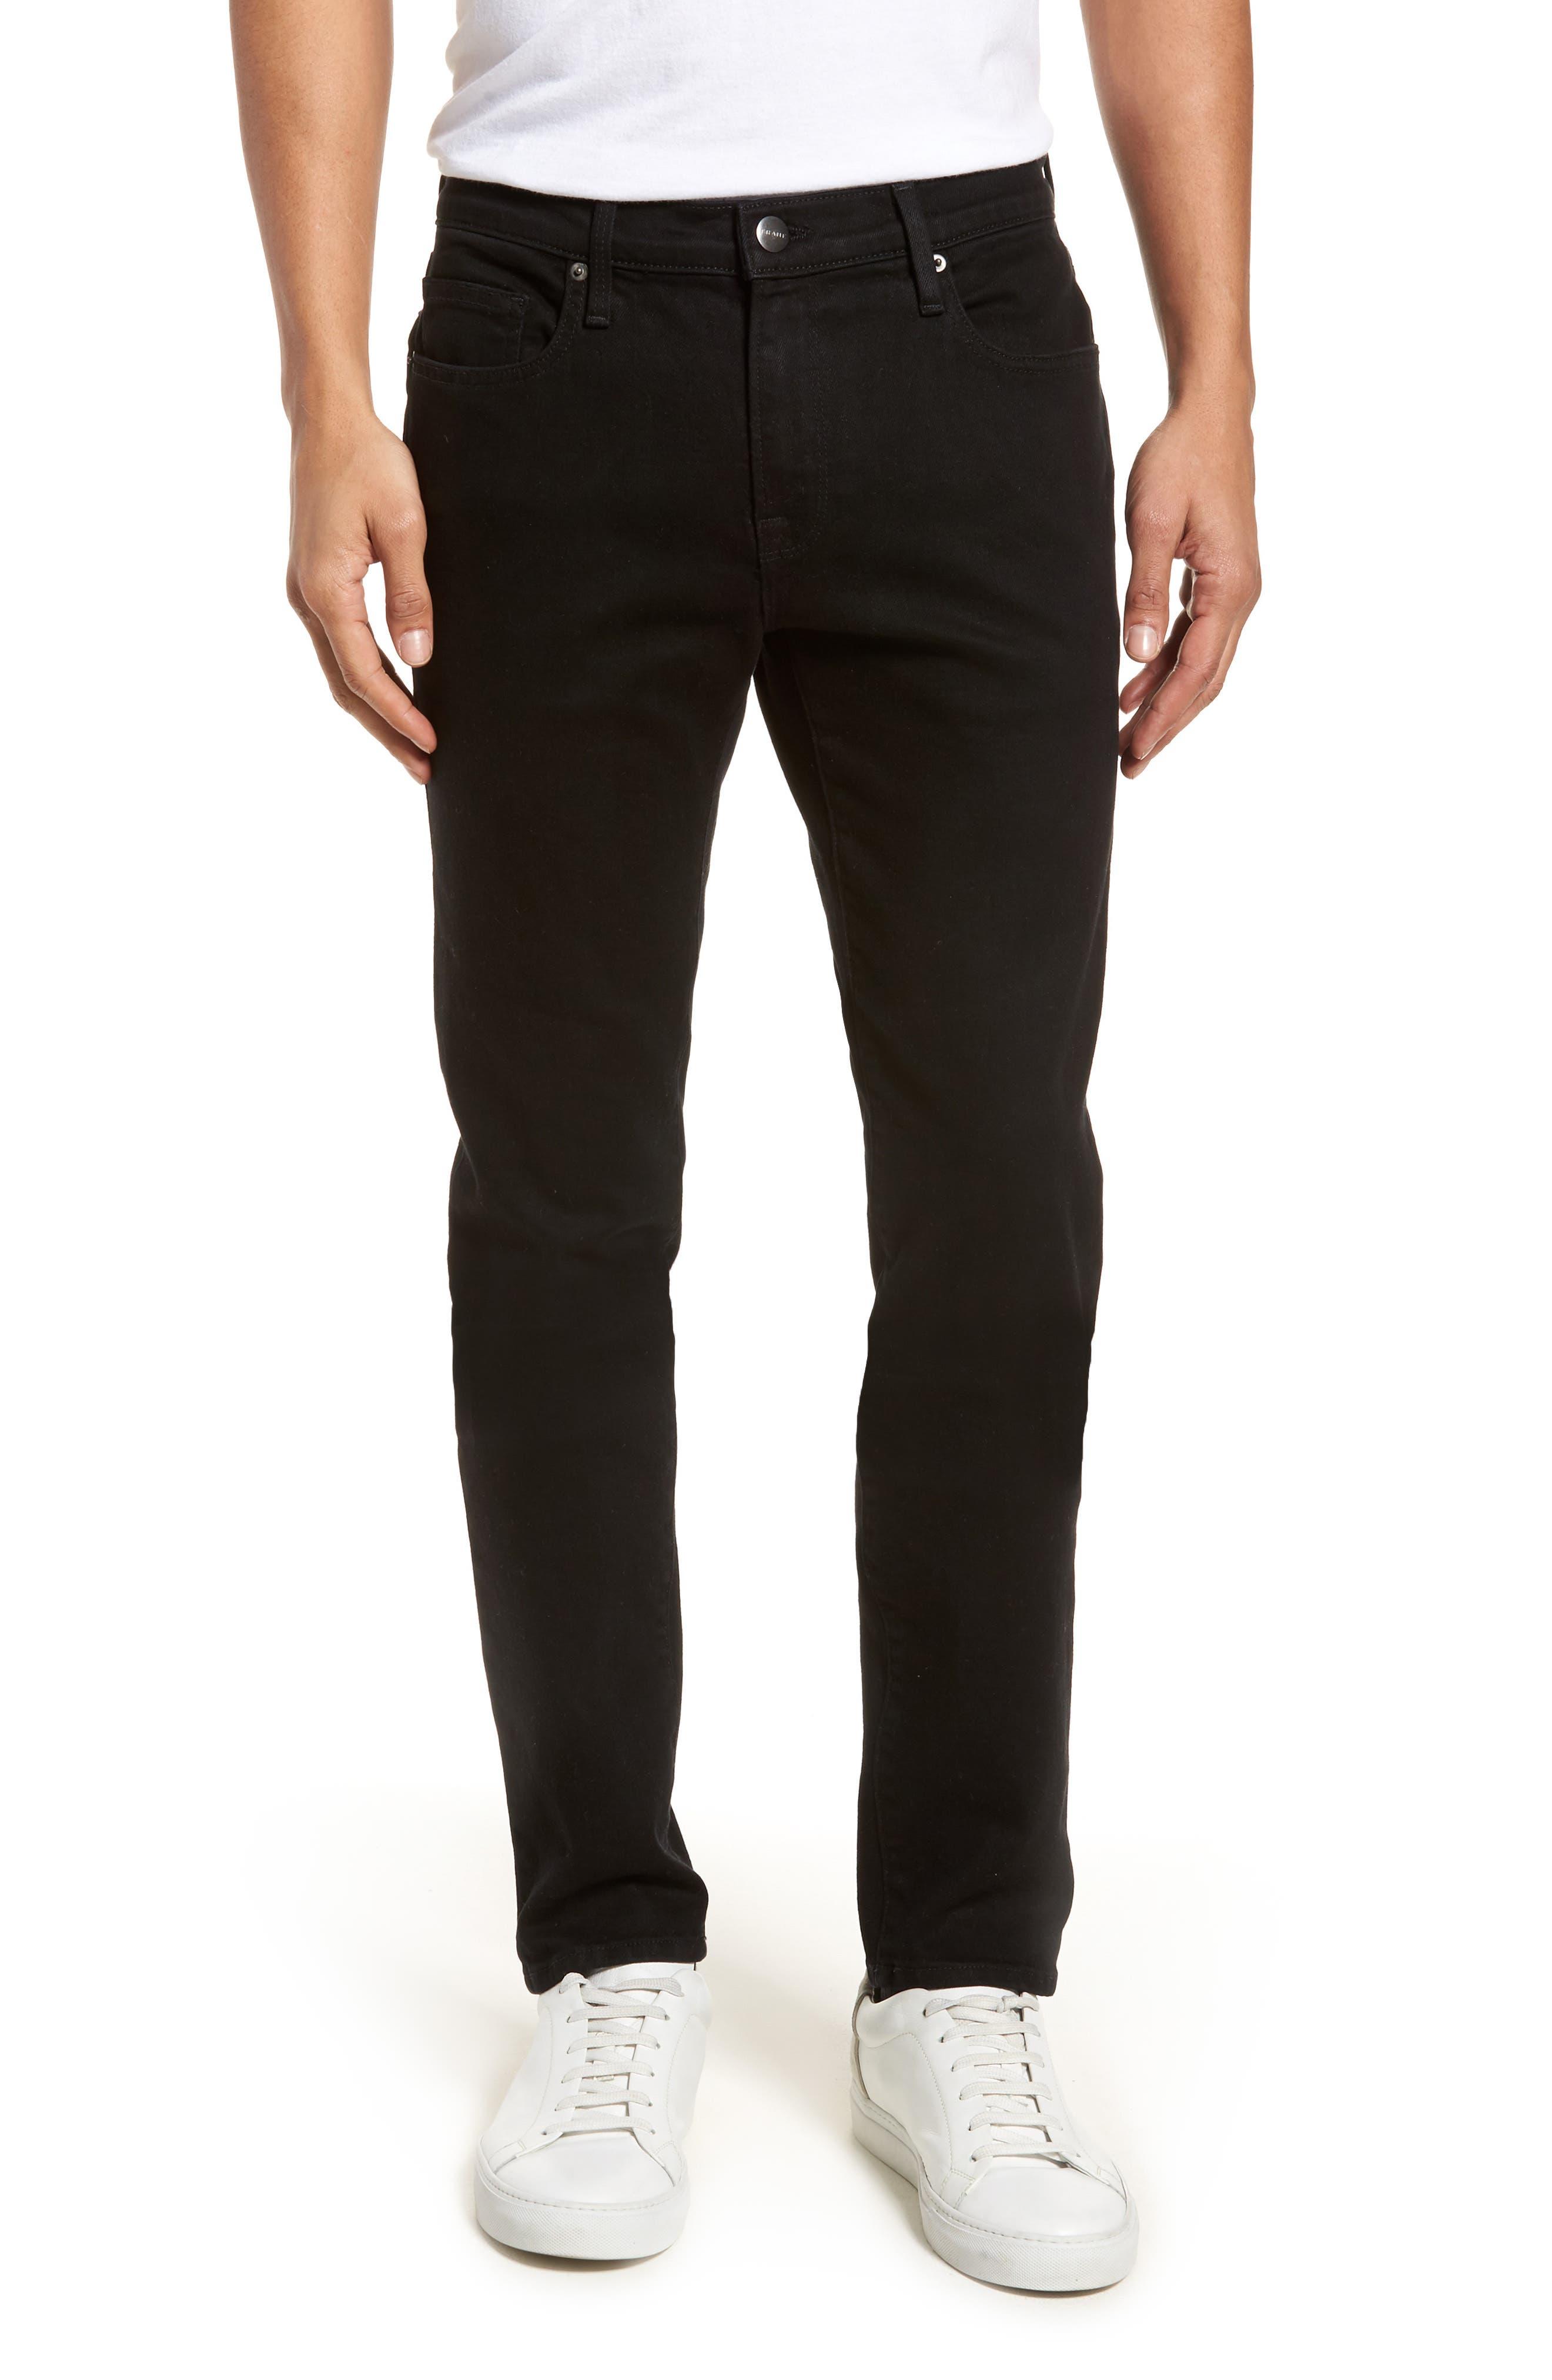 L'Homme Skinny Fit Jeans,                         Main,                         color, Noir